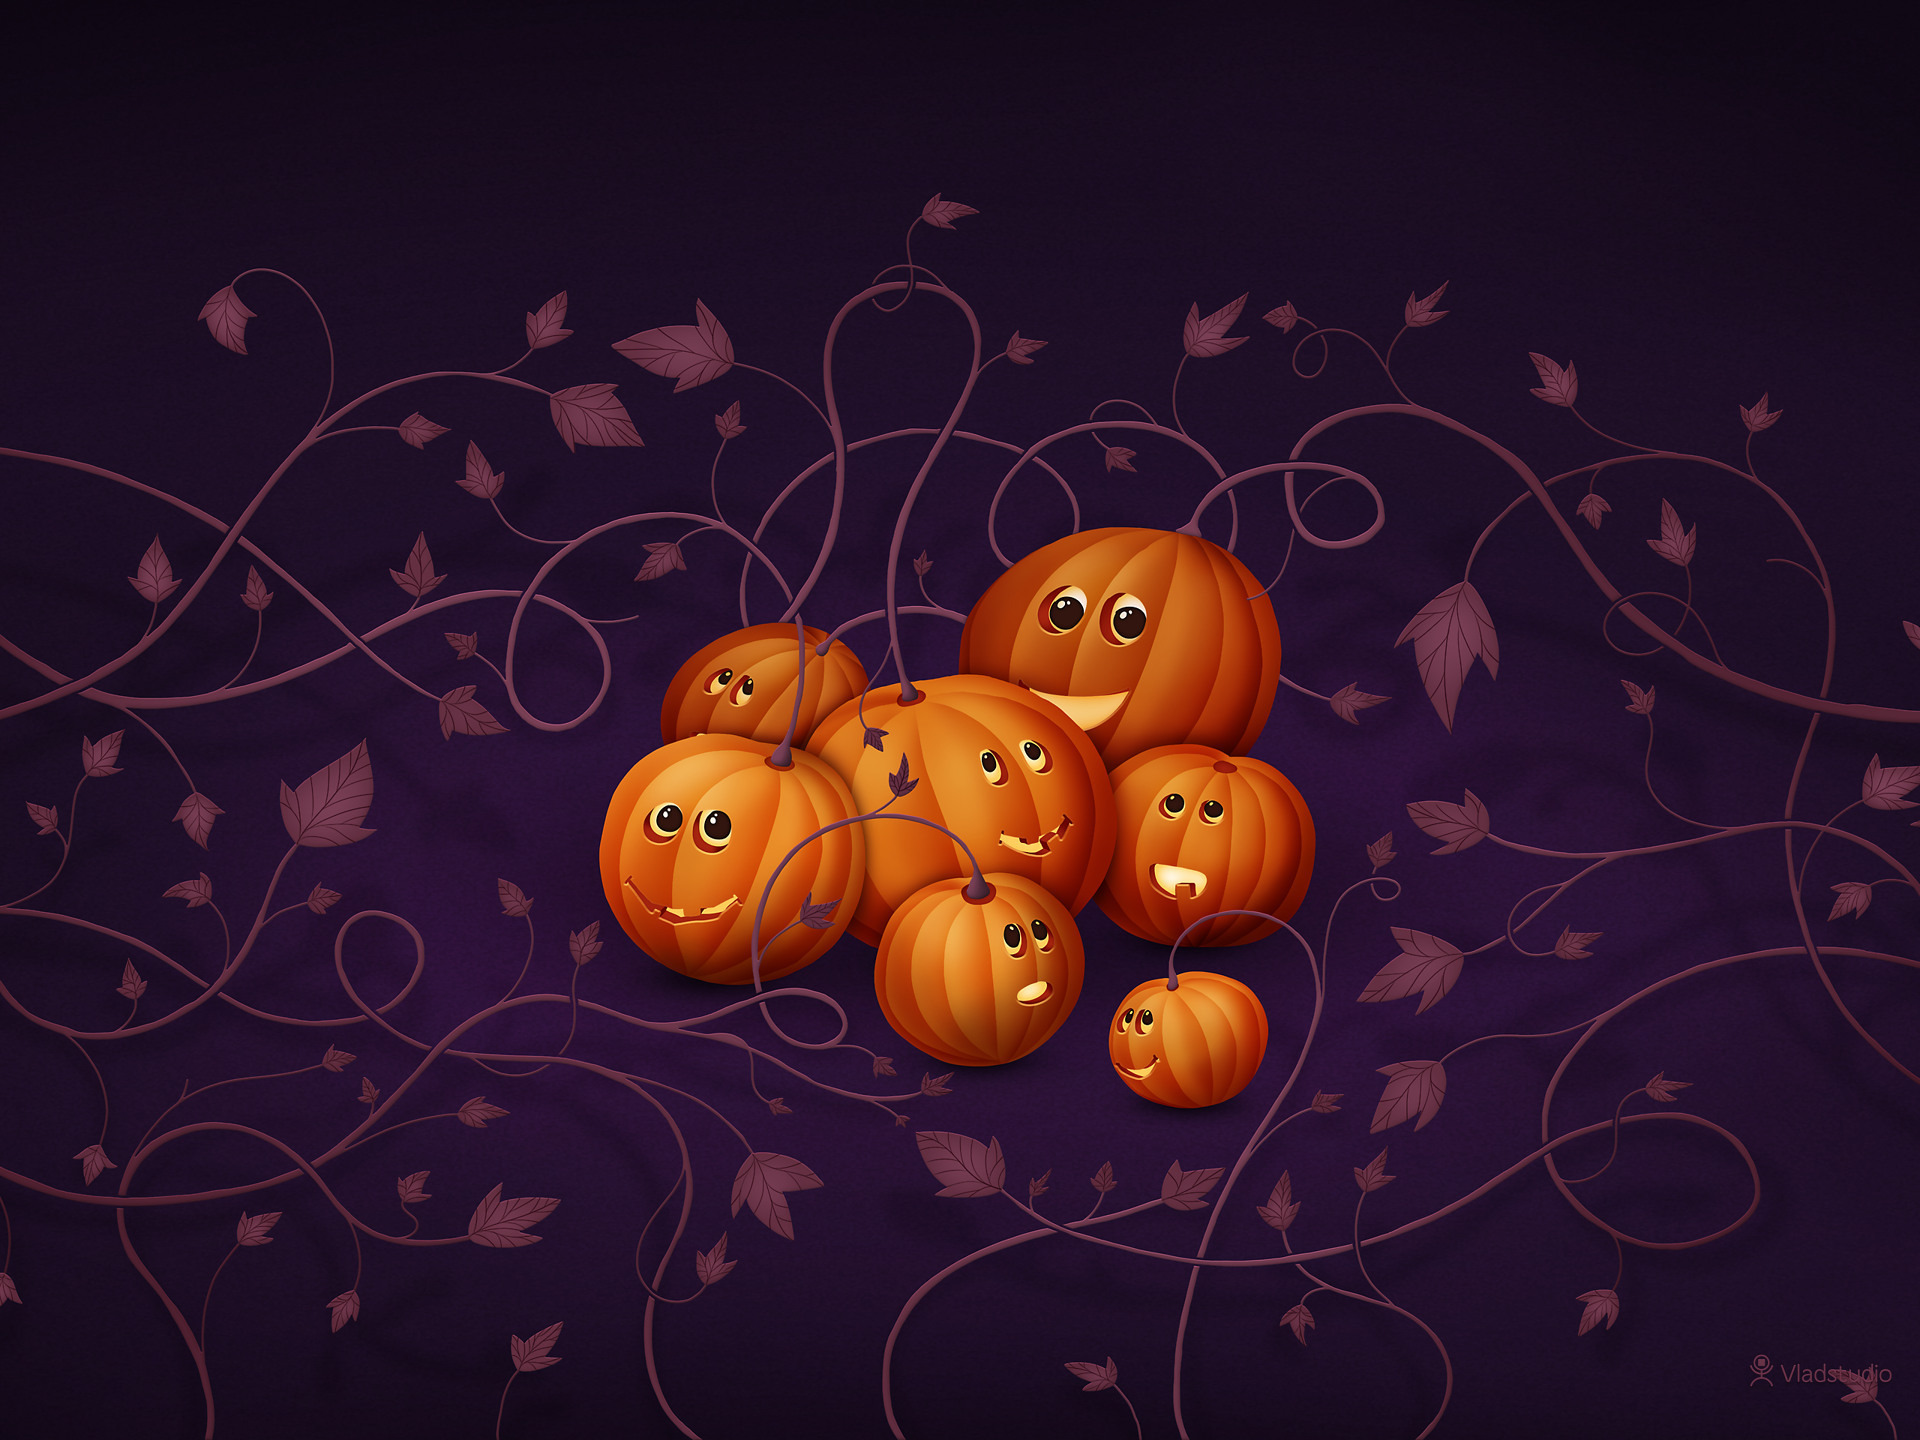 тыква Хэллоуин фон бесплатно